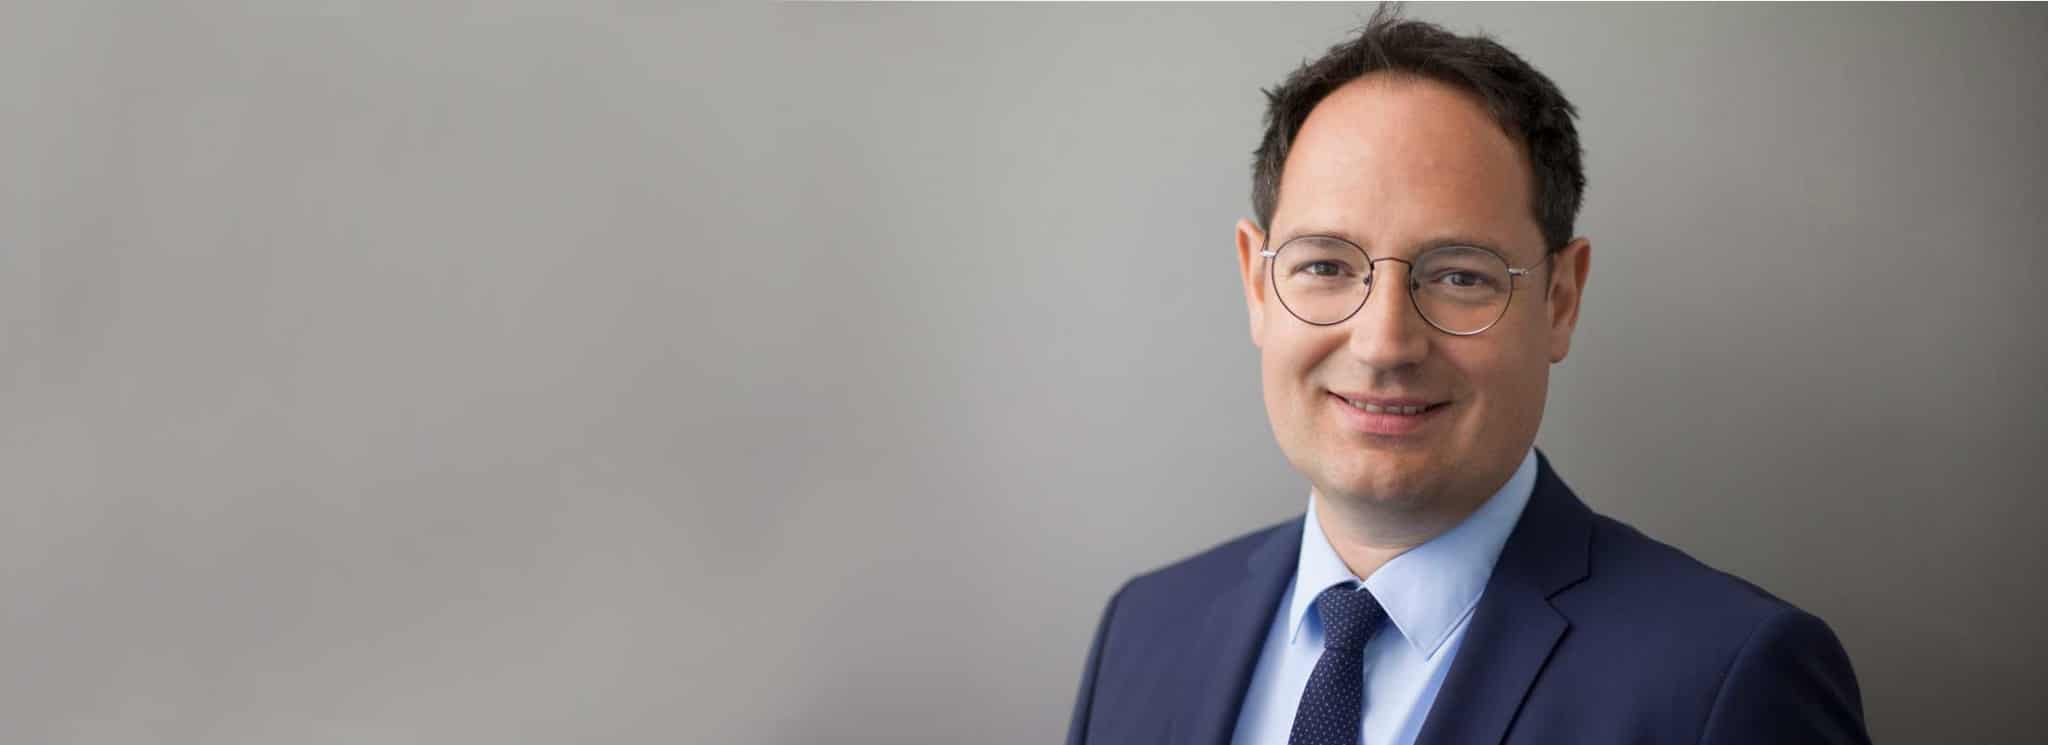 Sven Wilhelmy, Rechtsanwalt und Partner